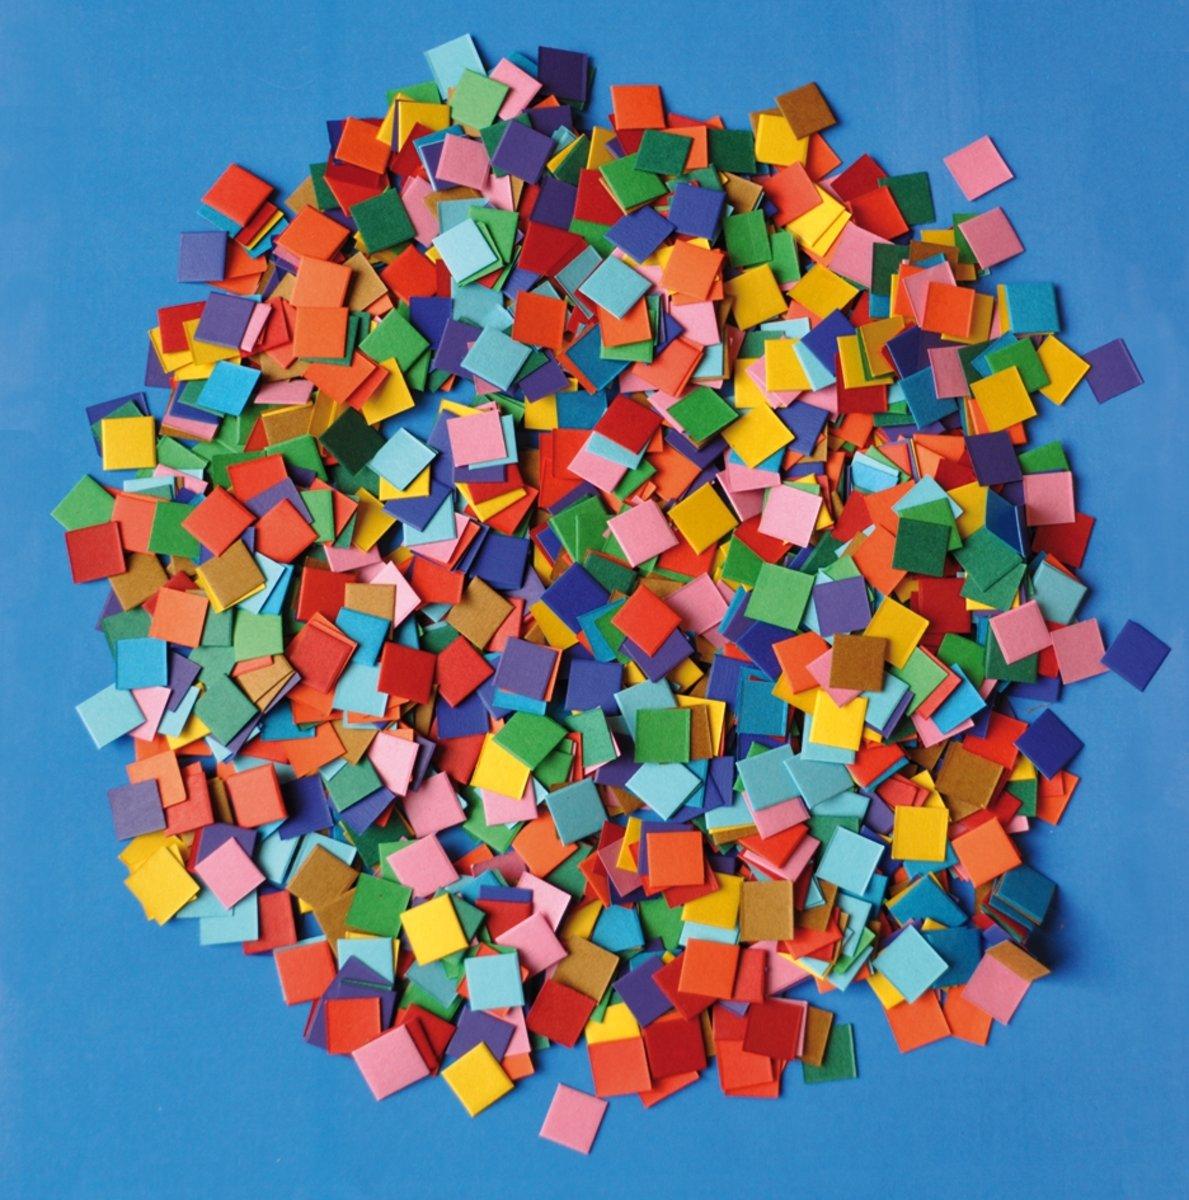 Papier mozaiek 10.000 stuks kopen